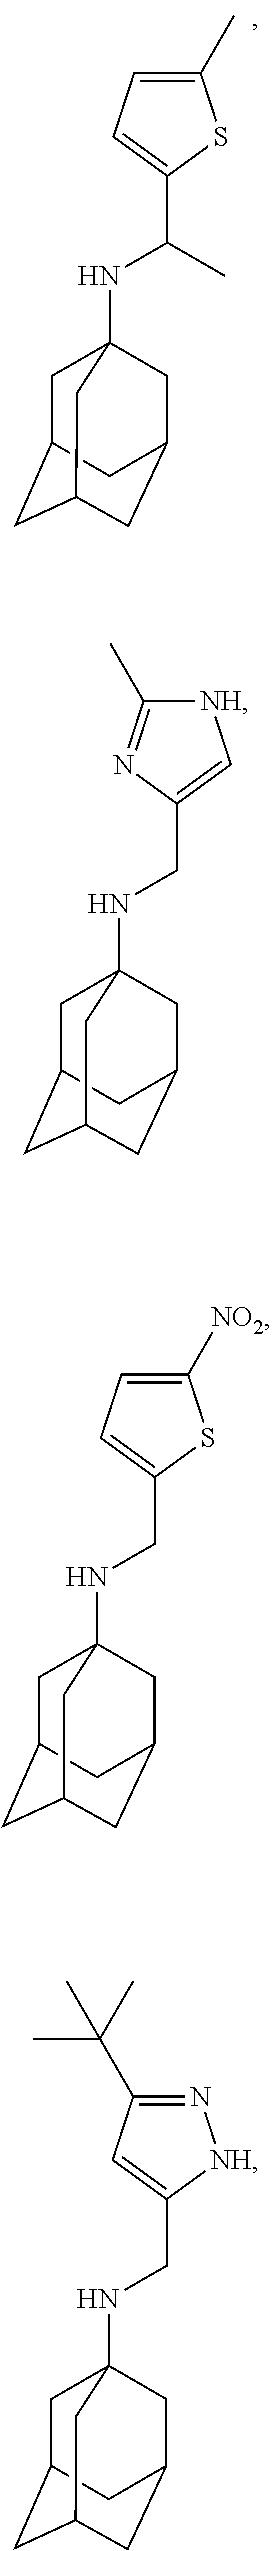 Figure US09884832-20180206-C00048